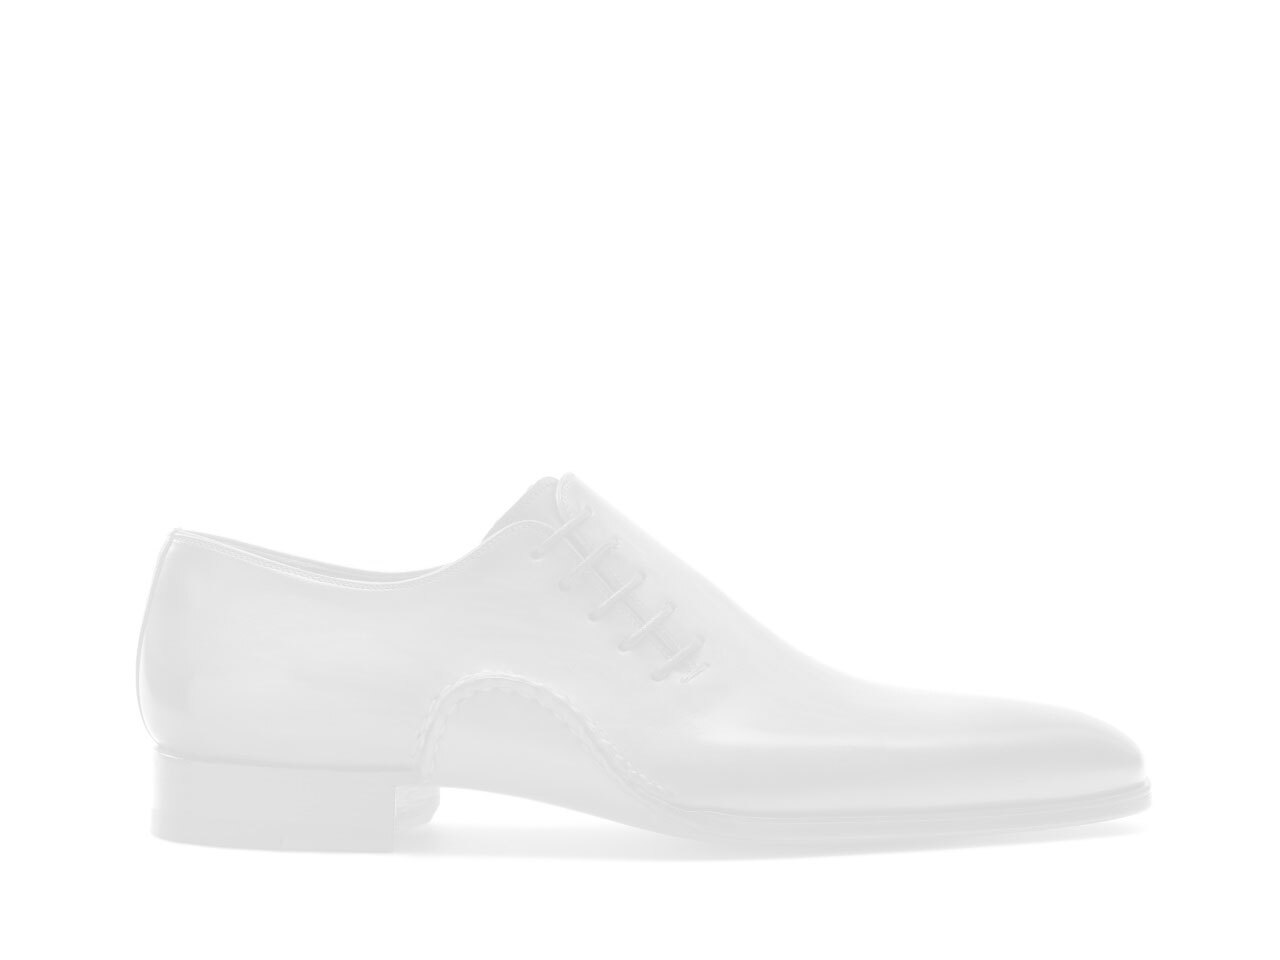 Sole of the Magnanni Ibiza Cuero Men's Sneakers